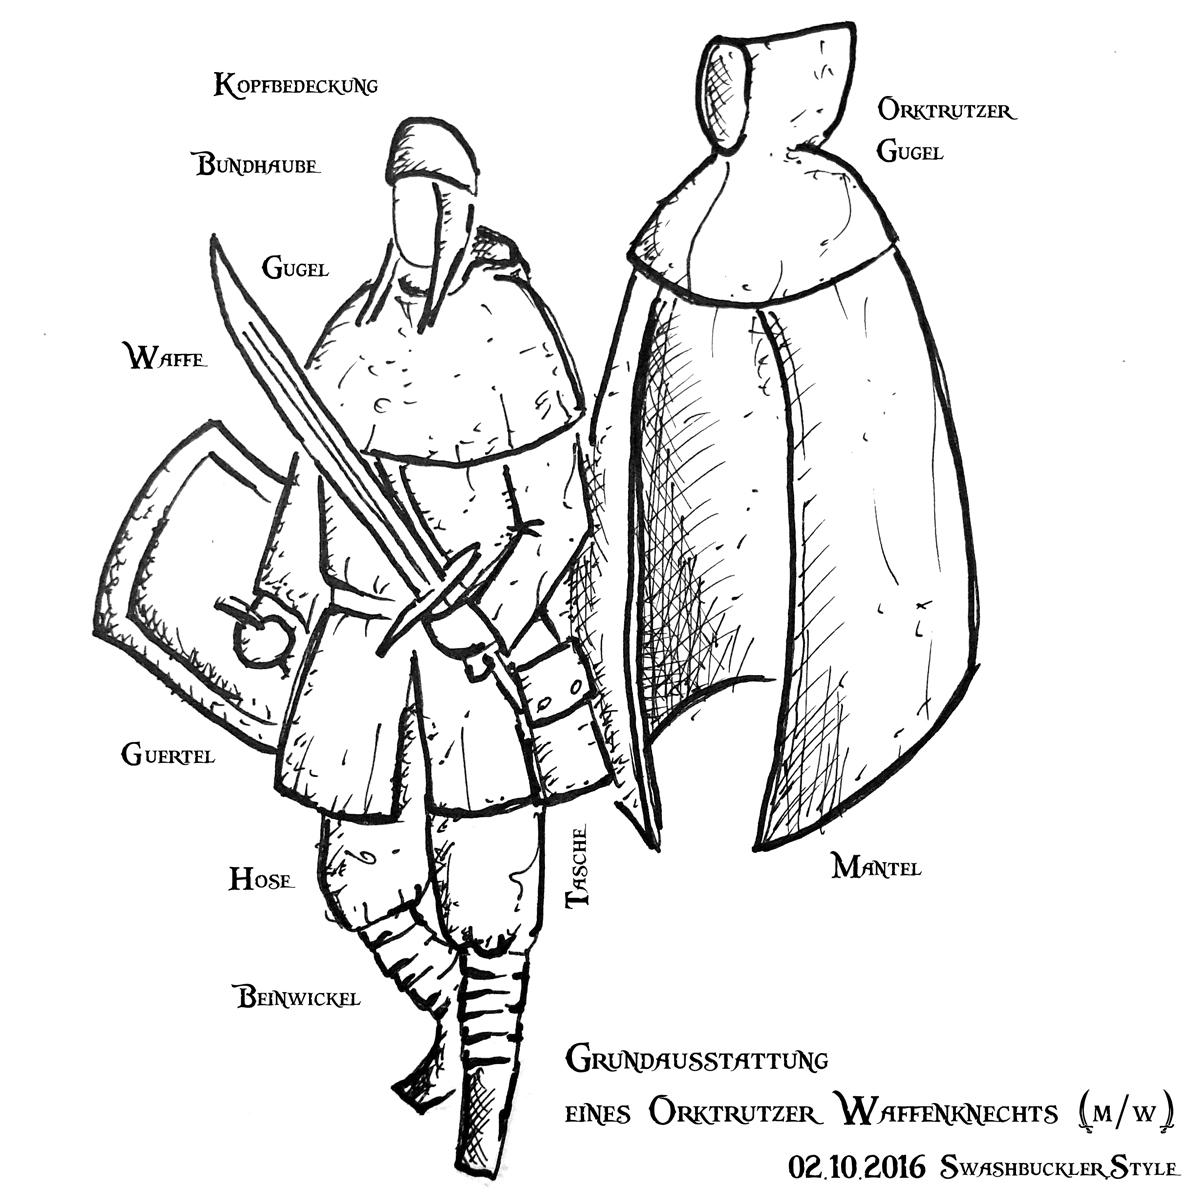 Die Grundausstattung eines Orktrutzers